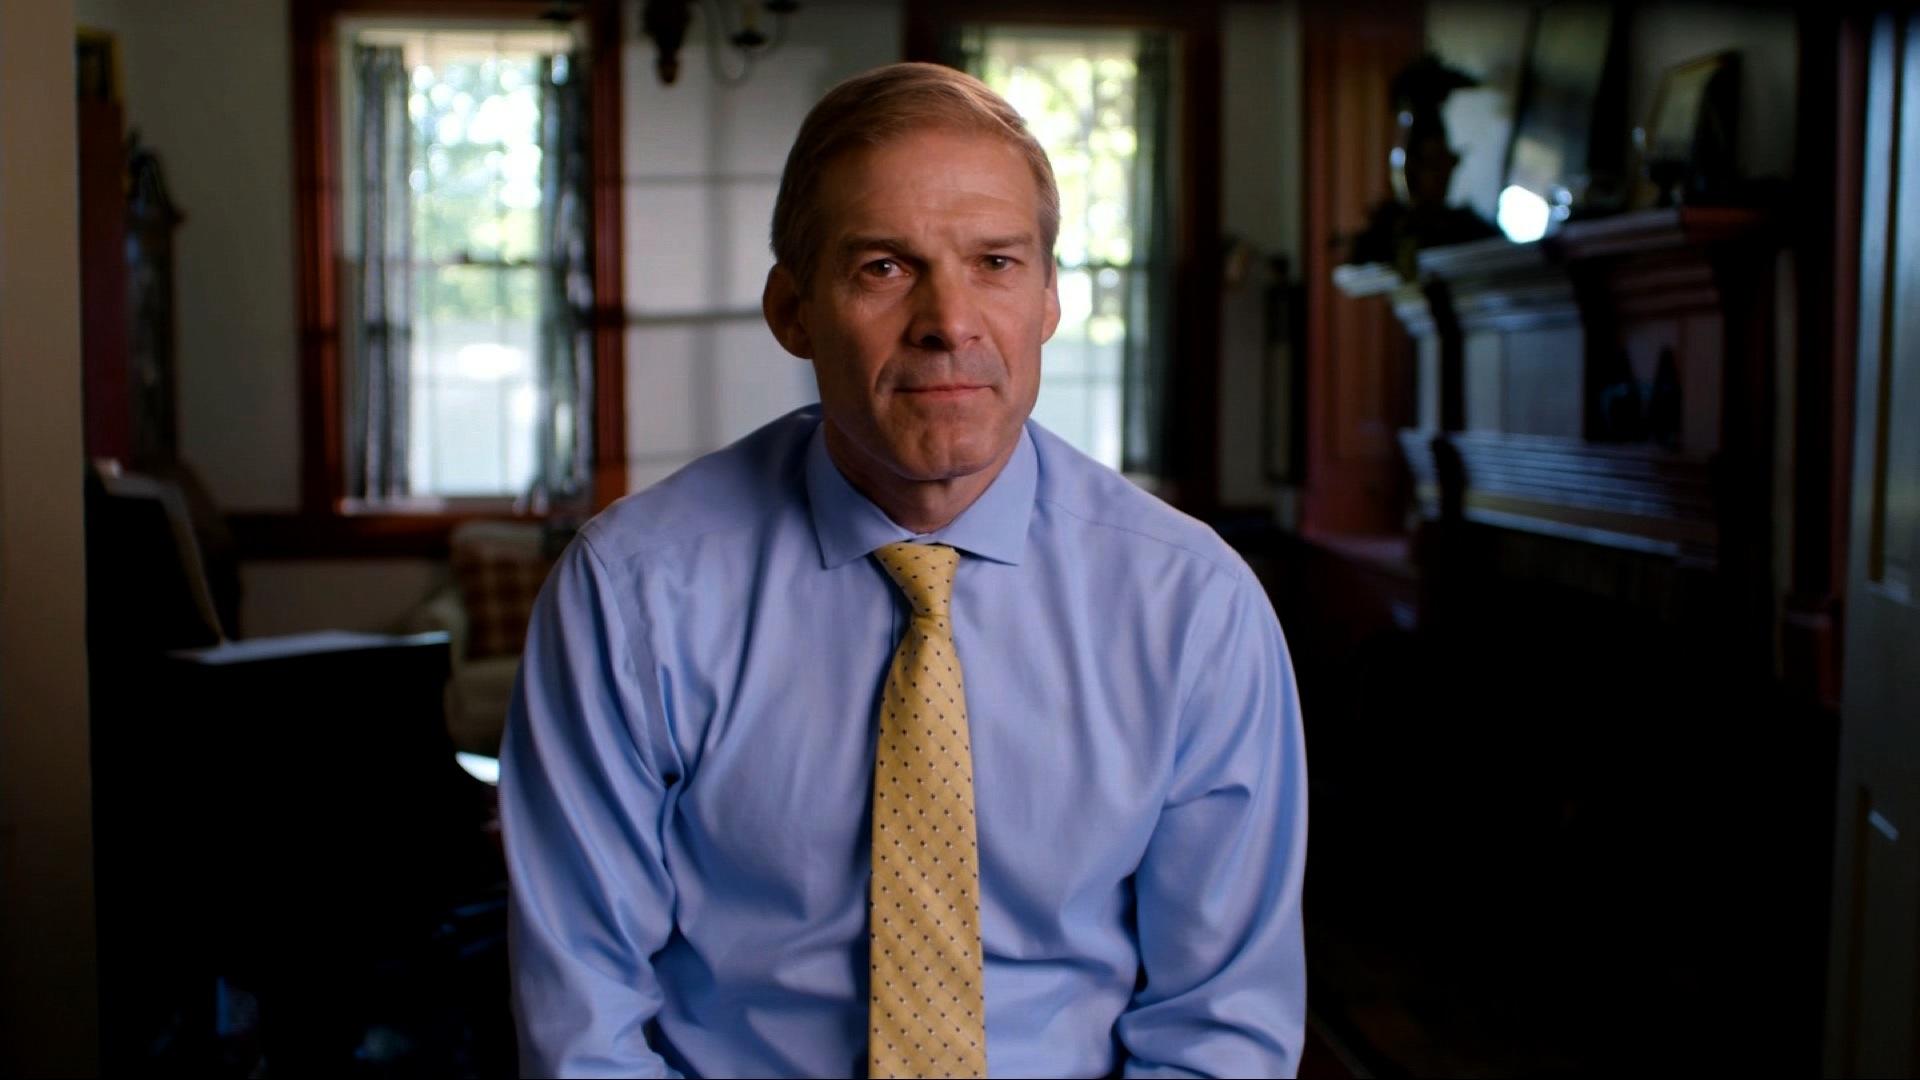 Ohio Rep. Jim Jordan.